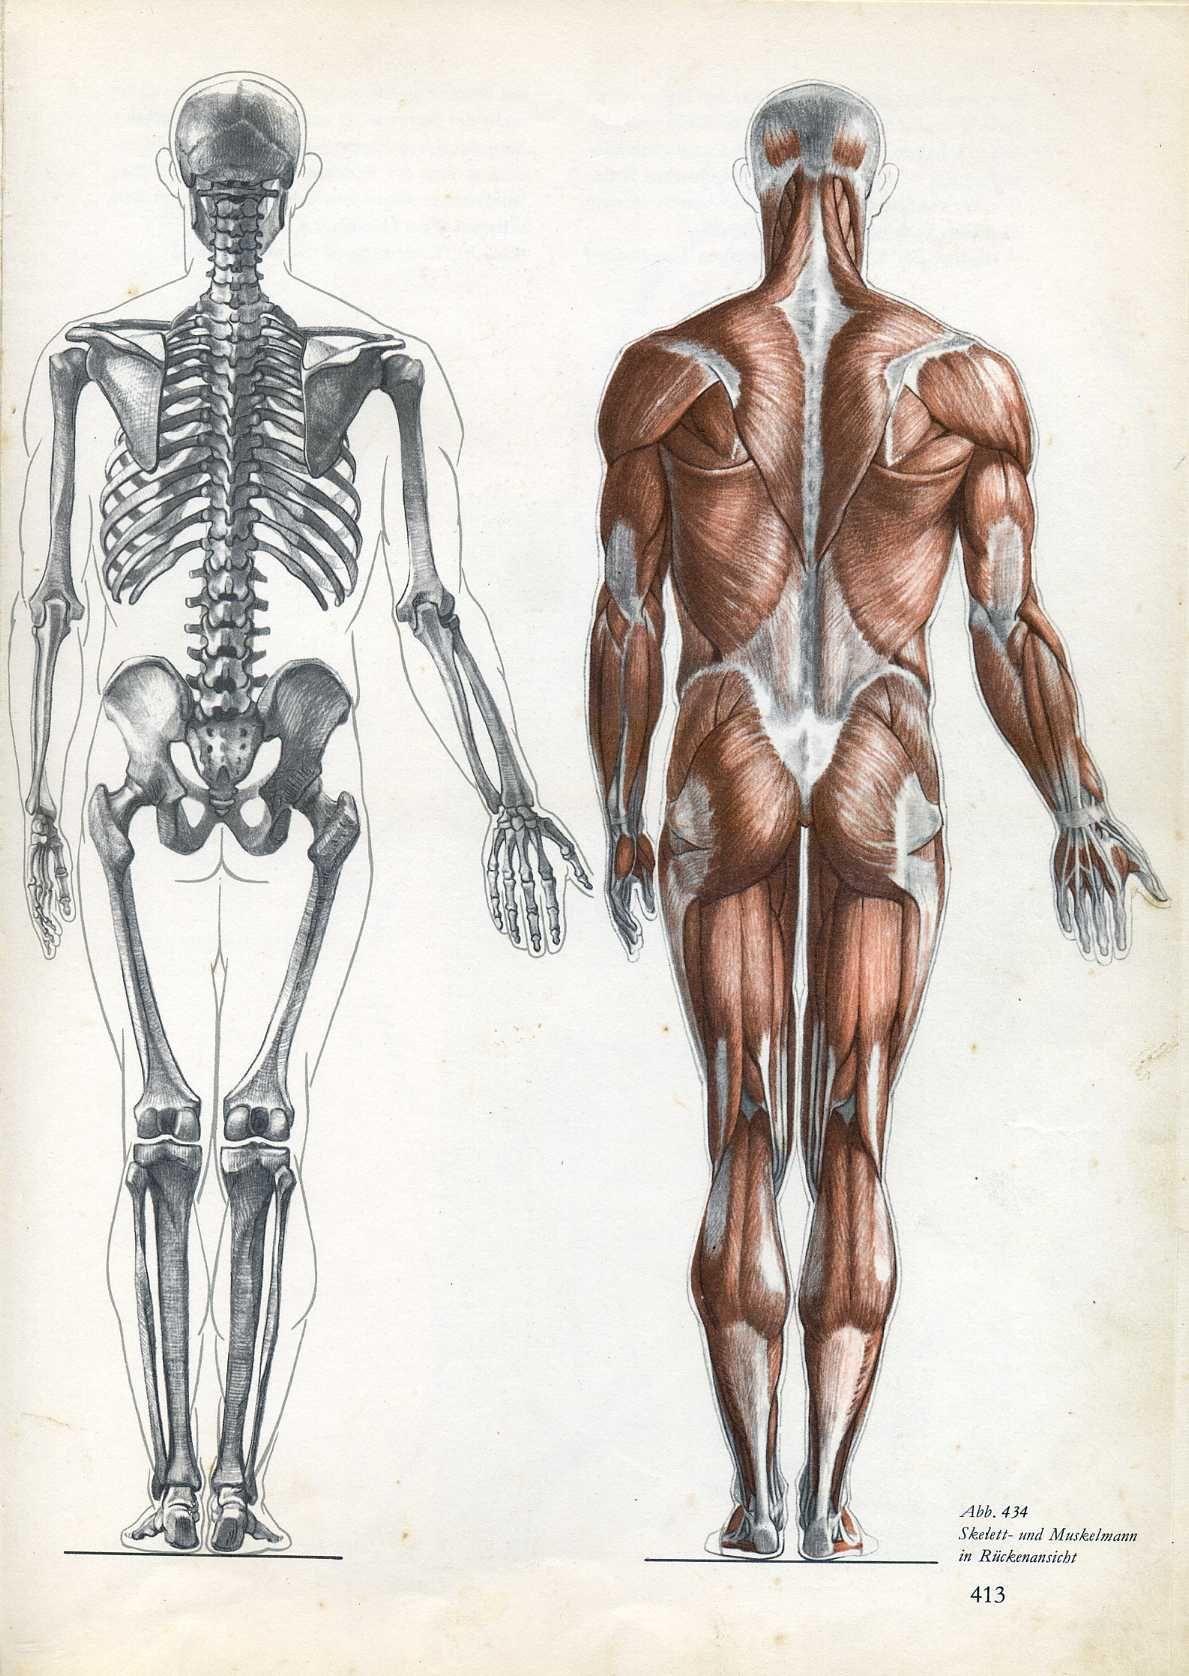 Pin de Emily Gardunia en art references | Pinterest | Anatomía ...